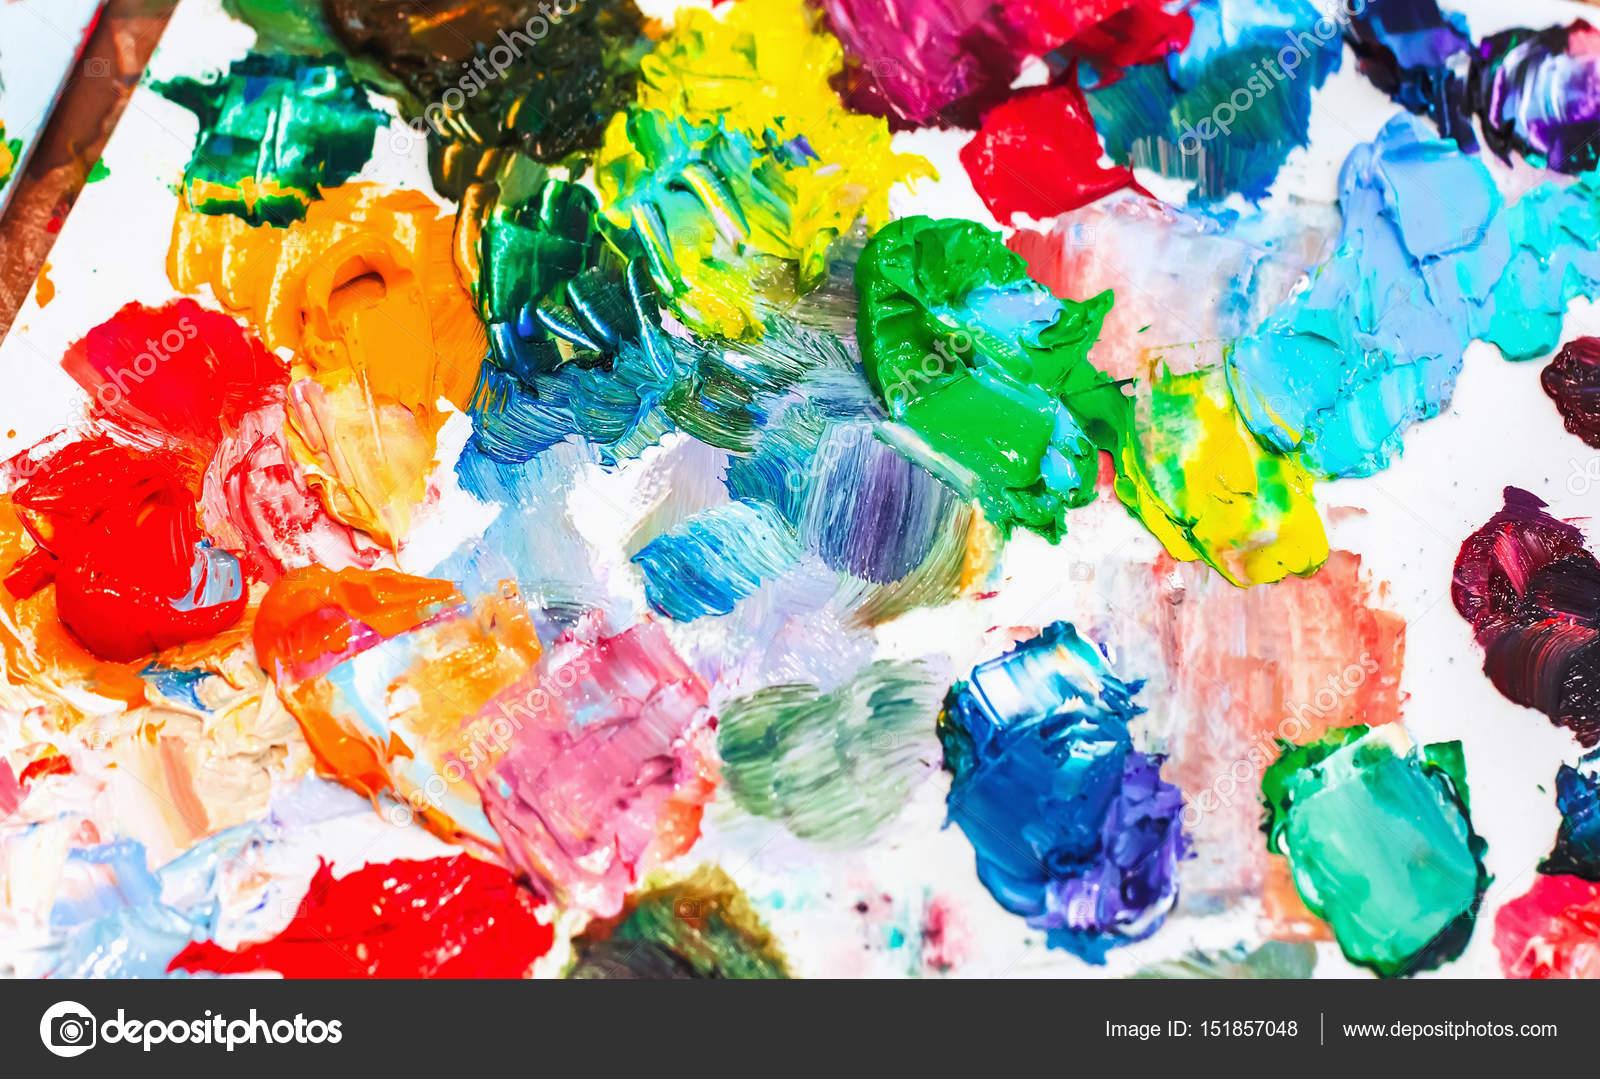 Imágenes Para Pintar Con Oleos Pinturas Al óleo En La Paleta Del